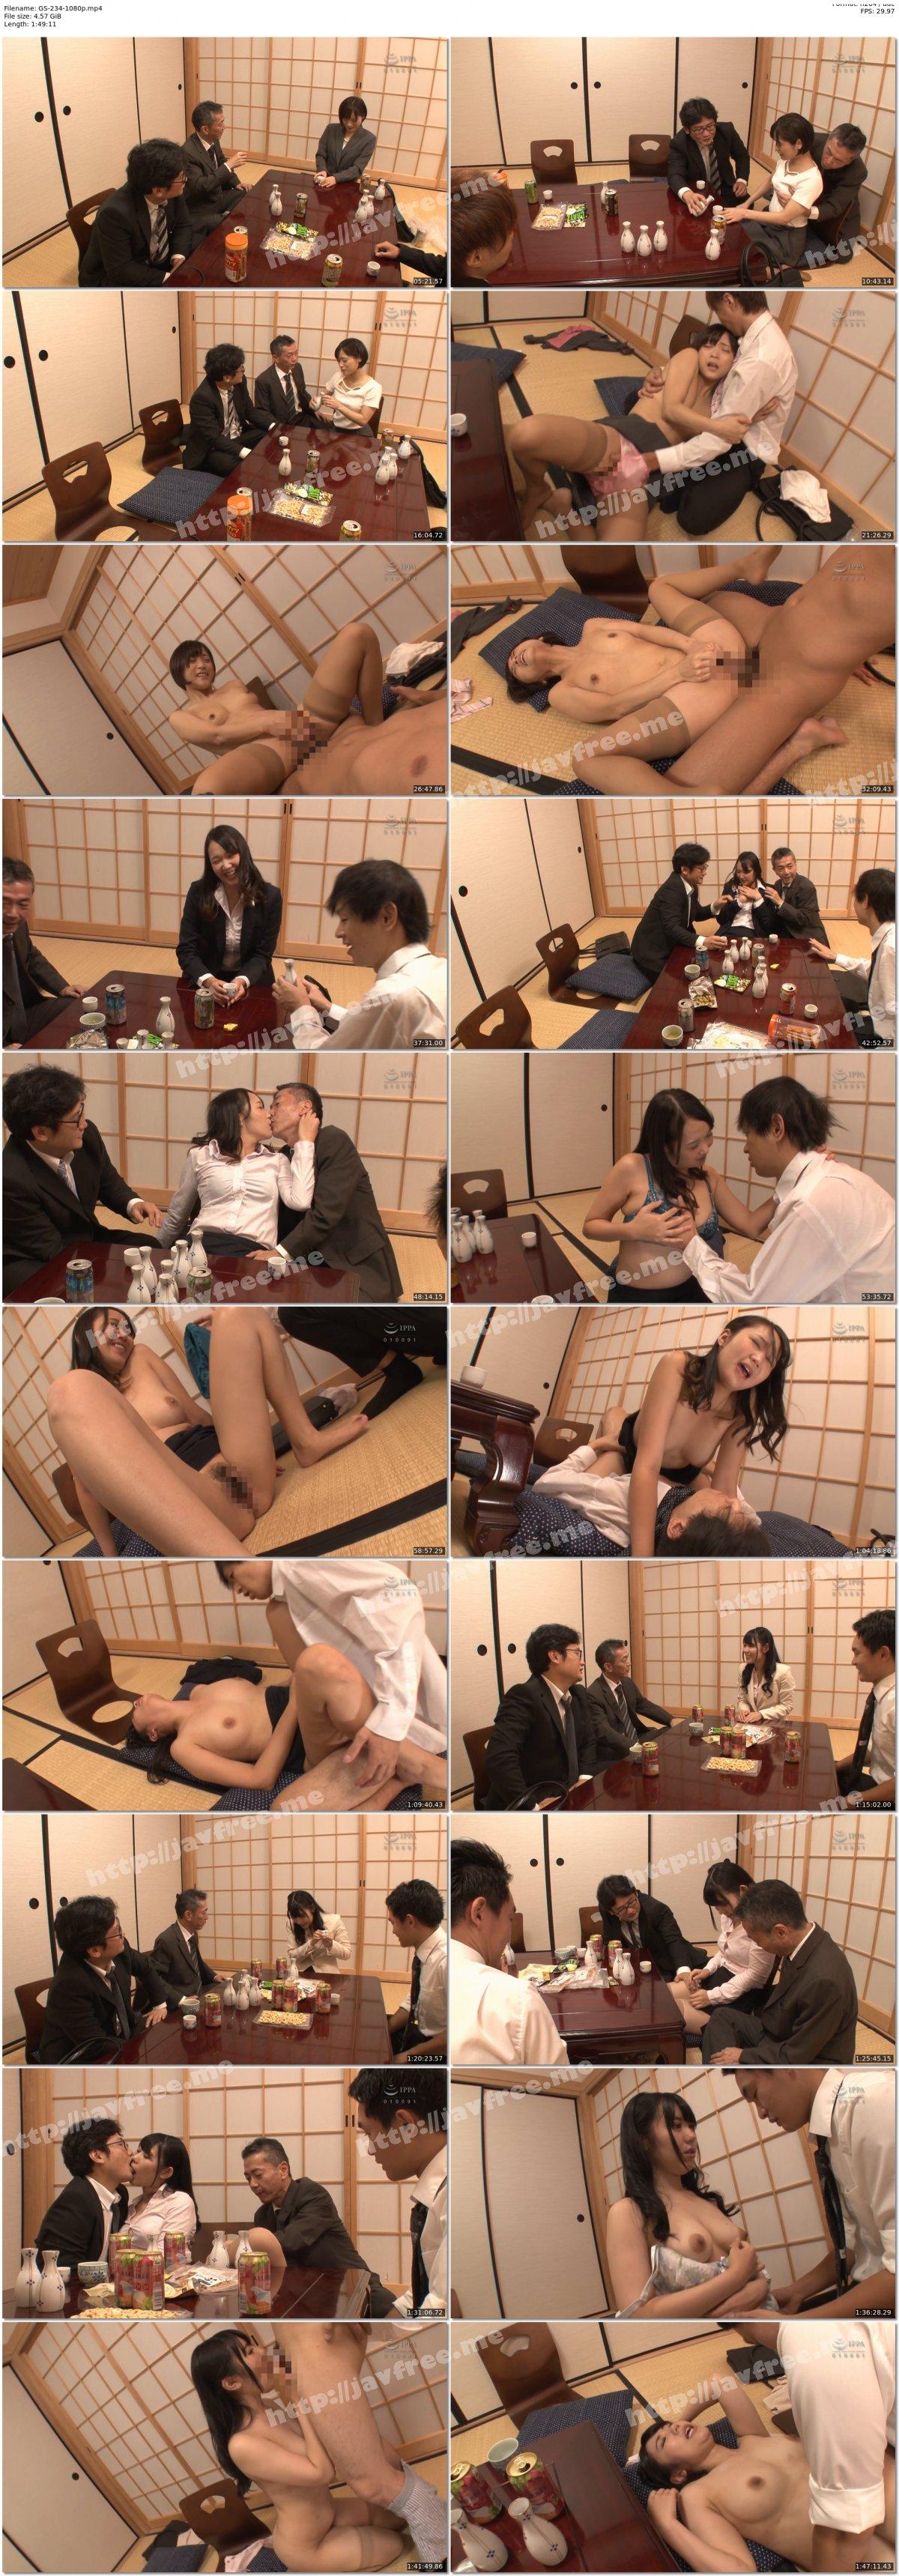 [HD][GS-234] 出張先で接待宴会させられるソソる酒乱キス魔の女子社員!出張先で取引先のオヤジと酒宴。酔わされてセクハラされまくりの紅一点女子社員…ところが酒癖が悪く悪のり逆セクハラ!? - image GS-234-1080p on https://javfree.me